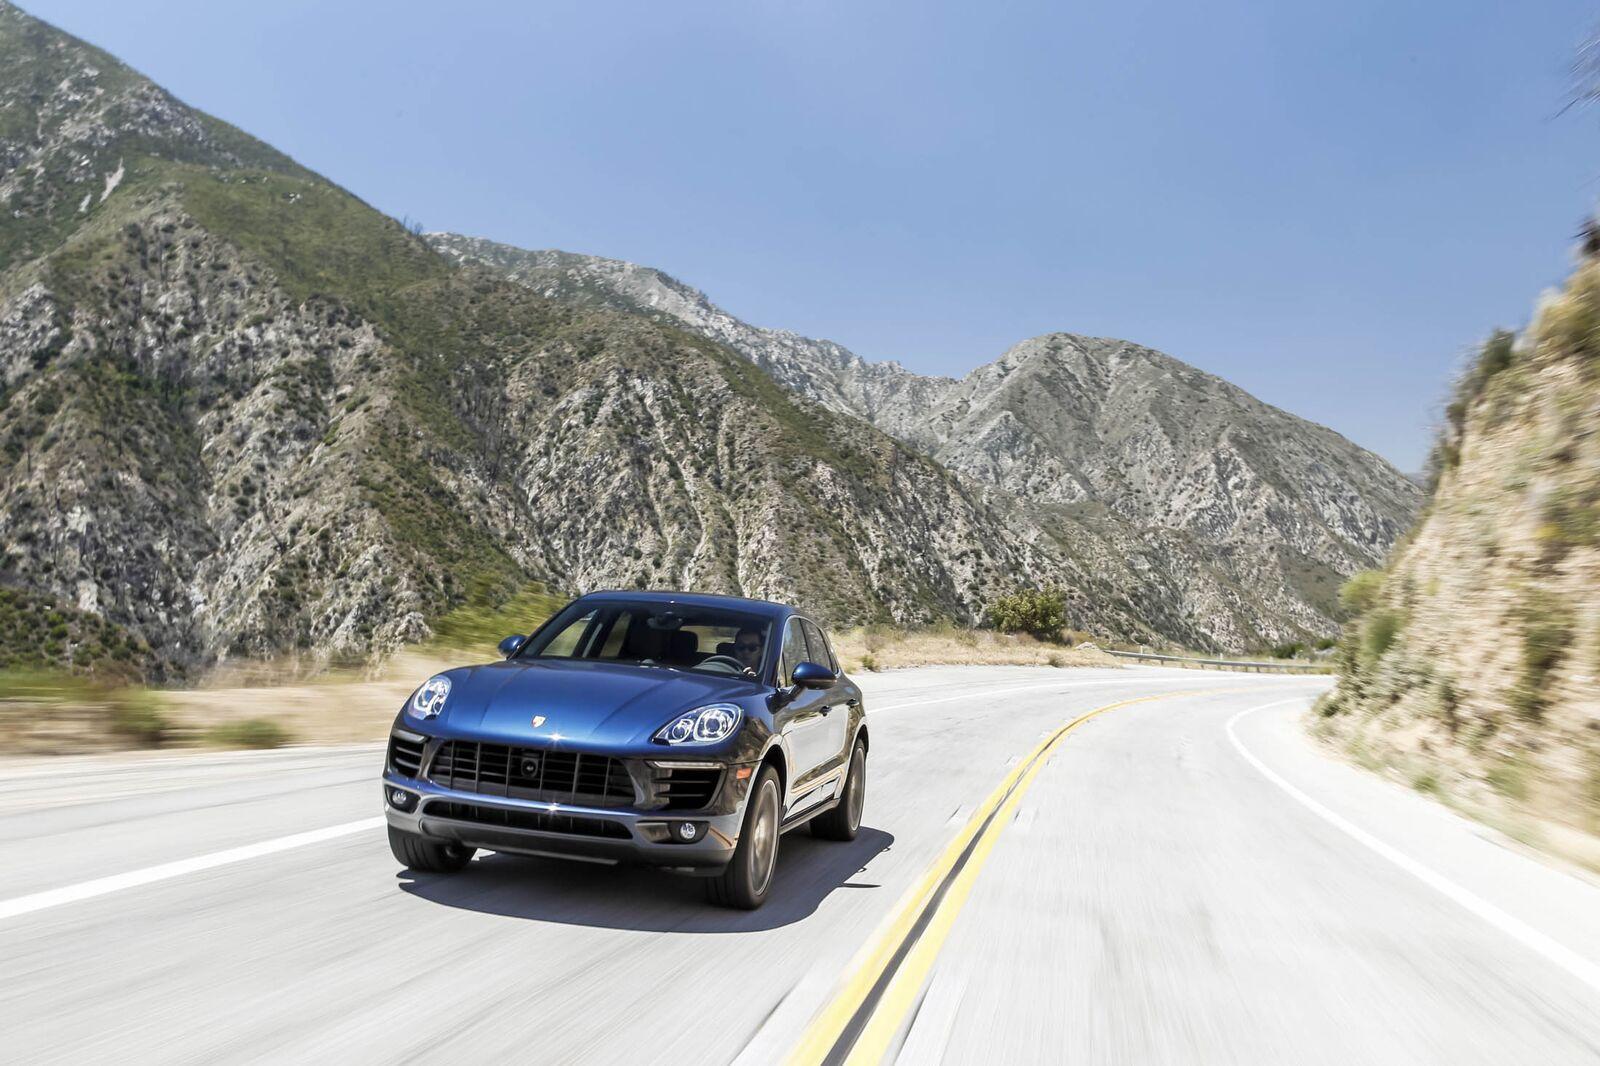 SUV: Porsche Macan S